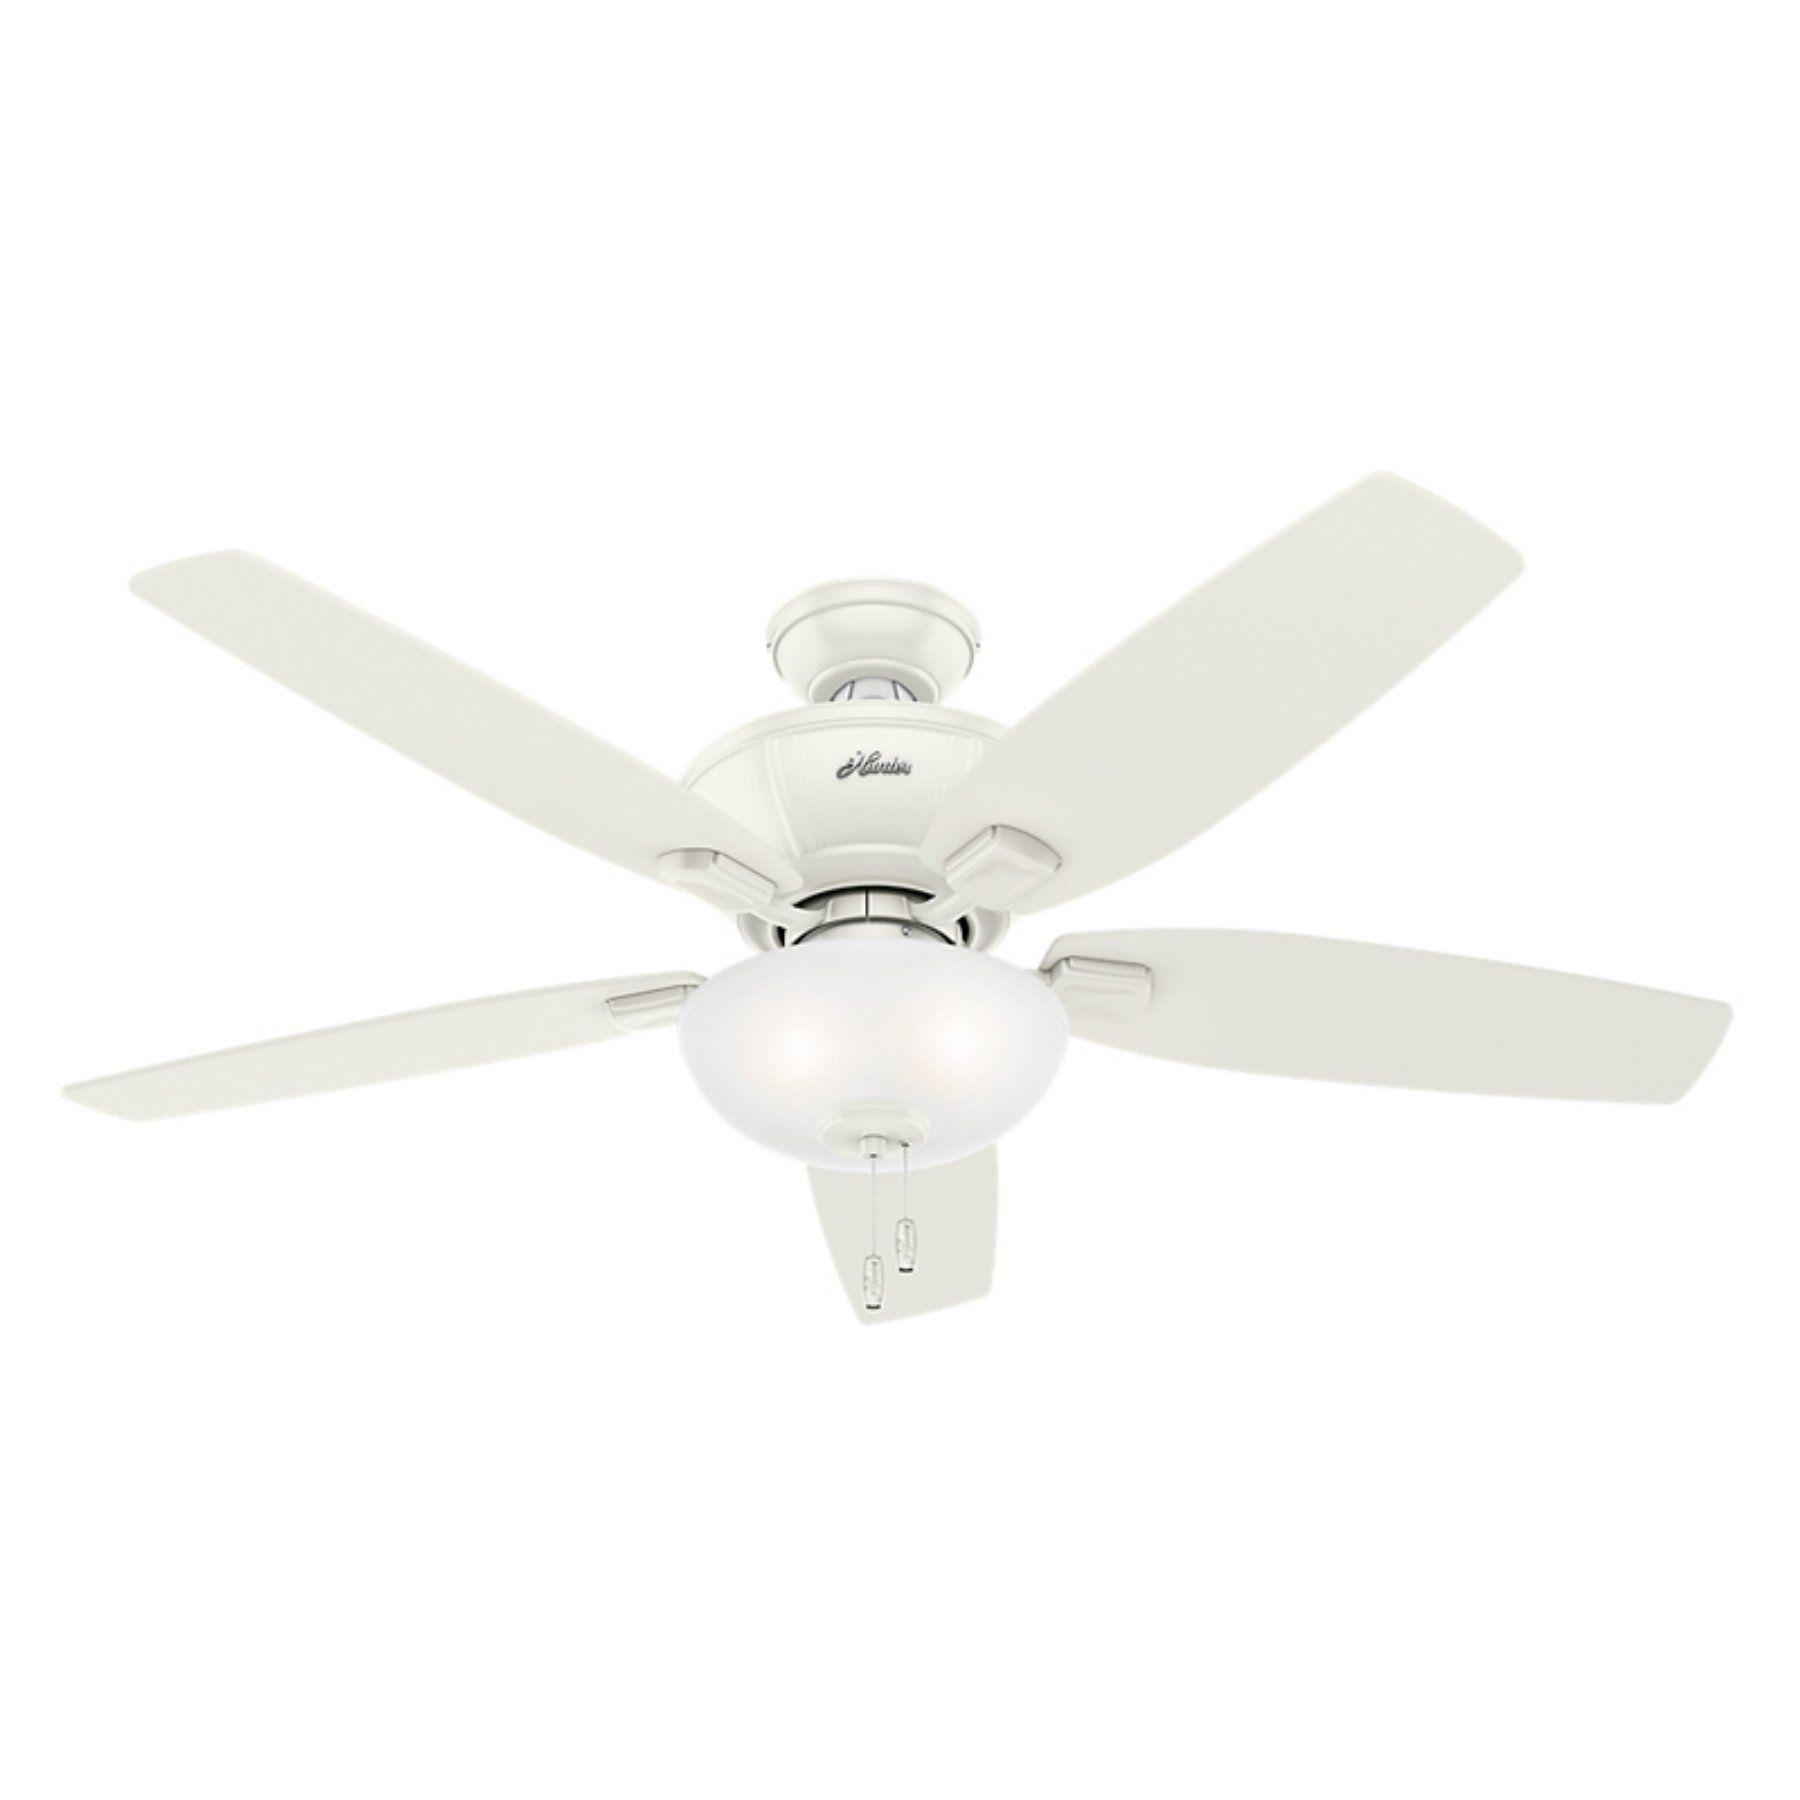 Hunter kenbridge in indoor ceiling fan with light